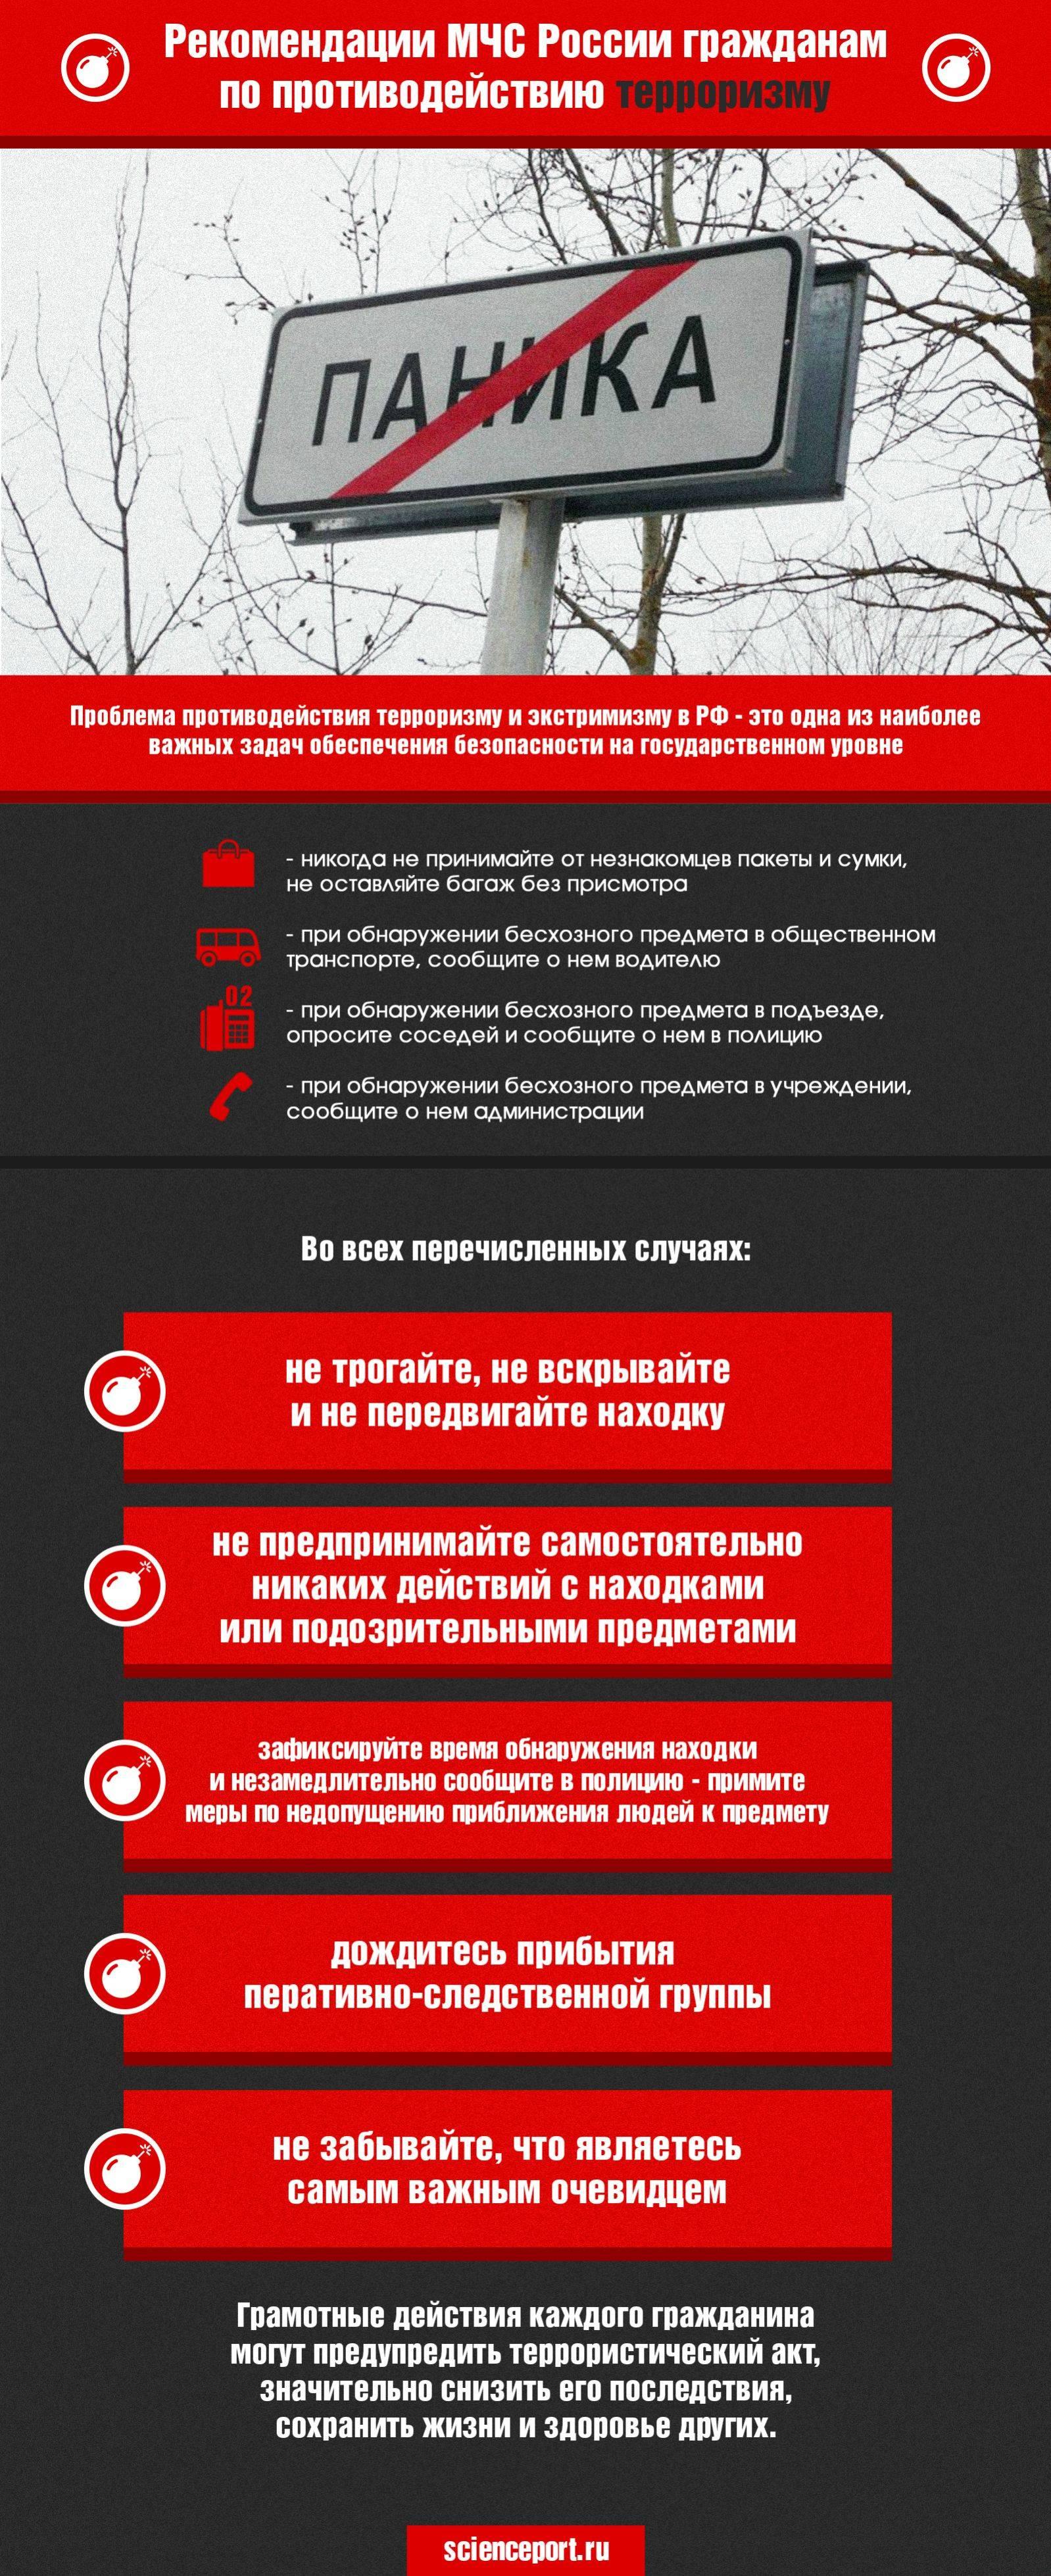 план схема действий при терроризме организации